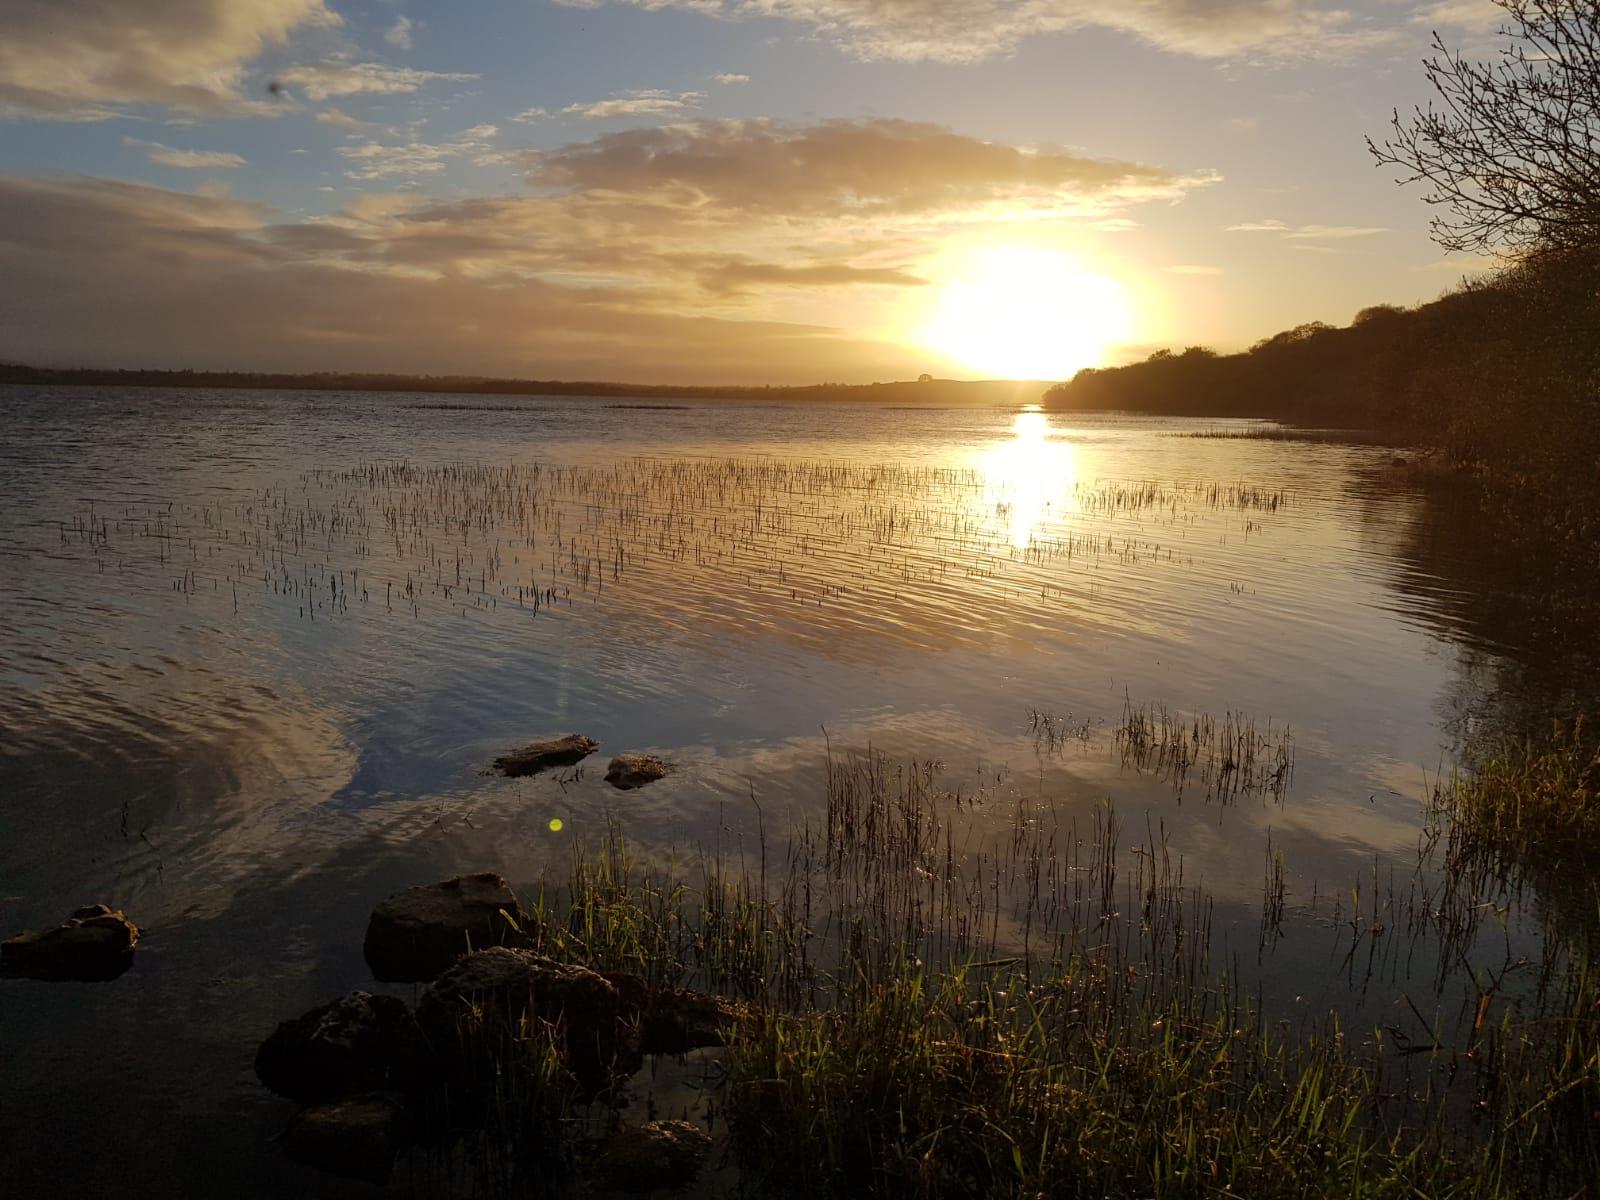 paysage_lac_irlande